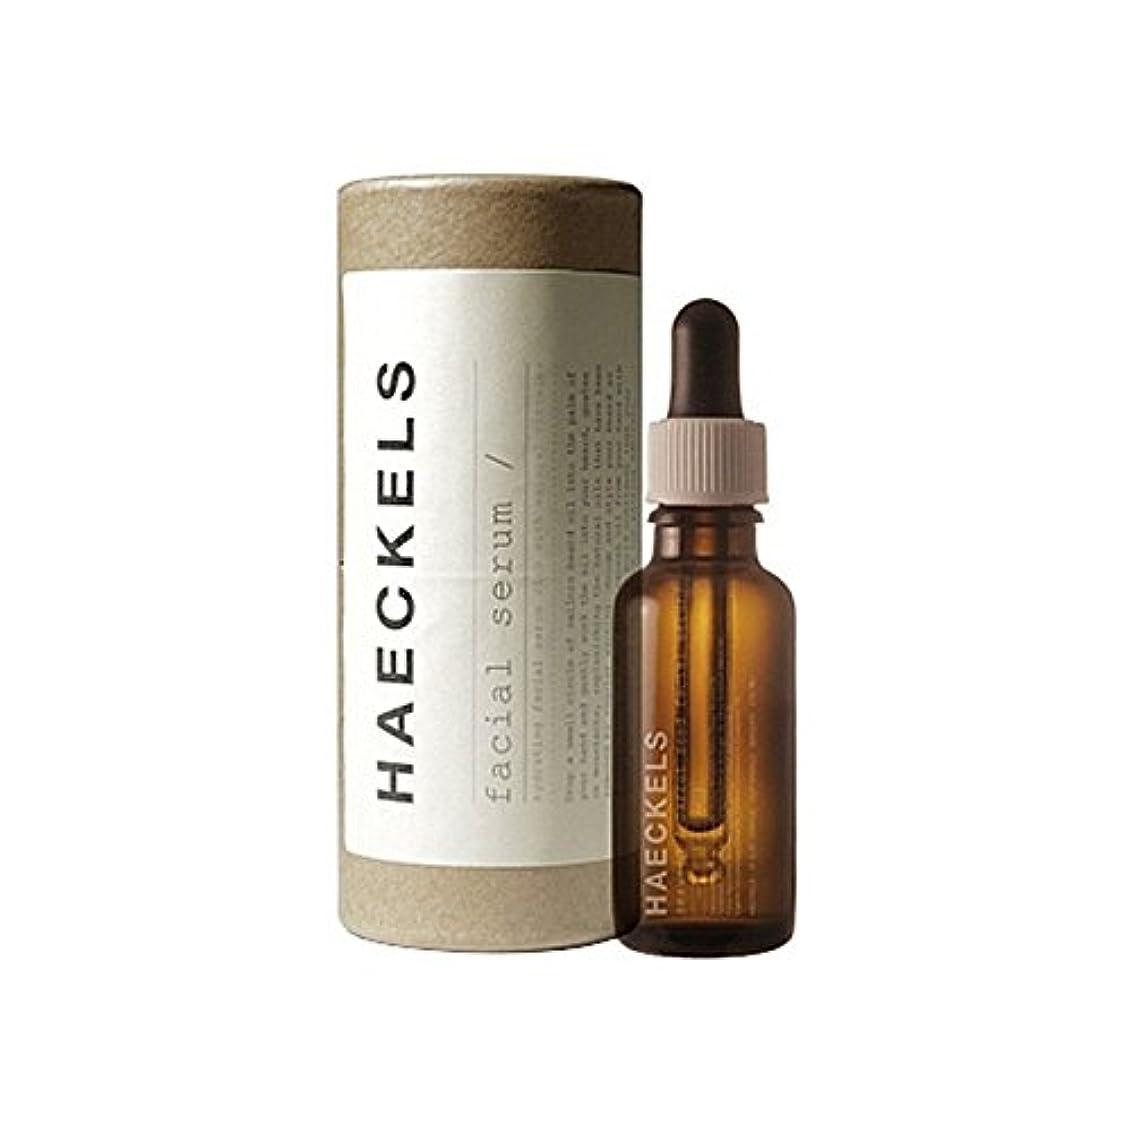 経験的時系列核海藻やニンジン種子顔セラム30を x4 - Haeckels Seaweed And Carrot Seed Face Serum 30Ml (Pack of 4) [並行輸入品]